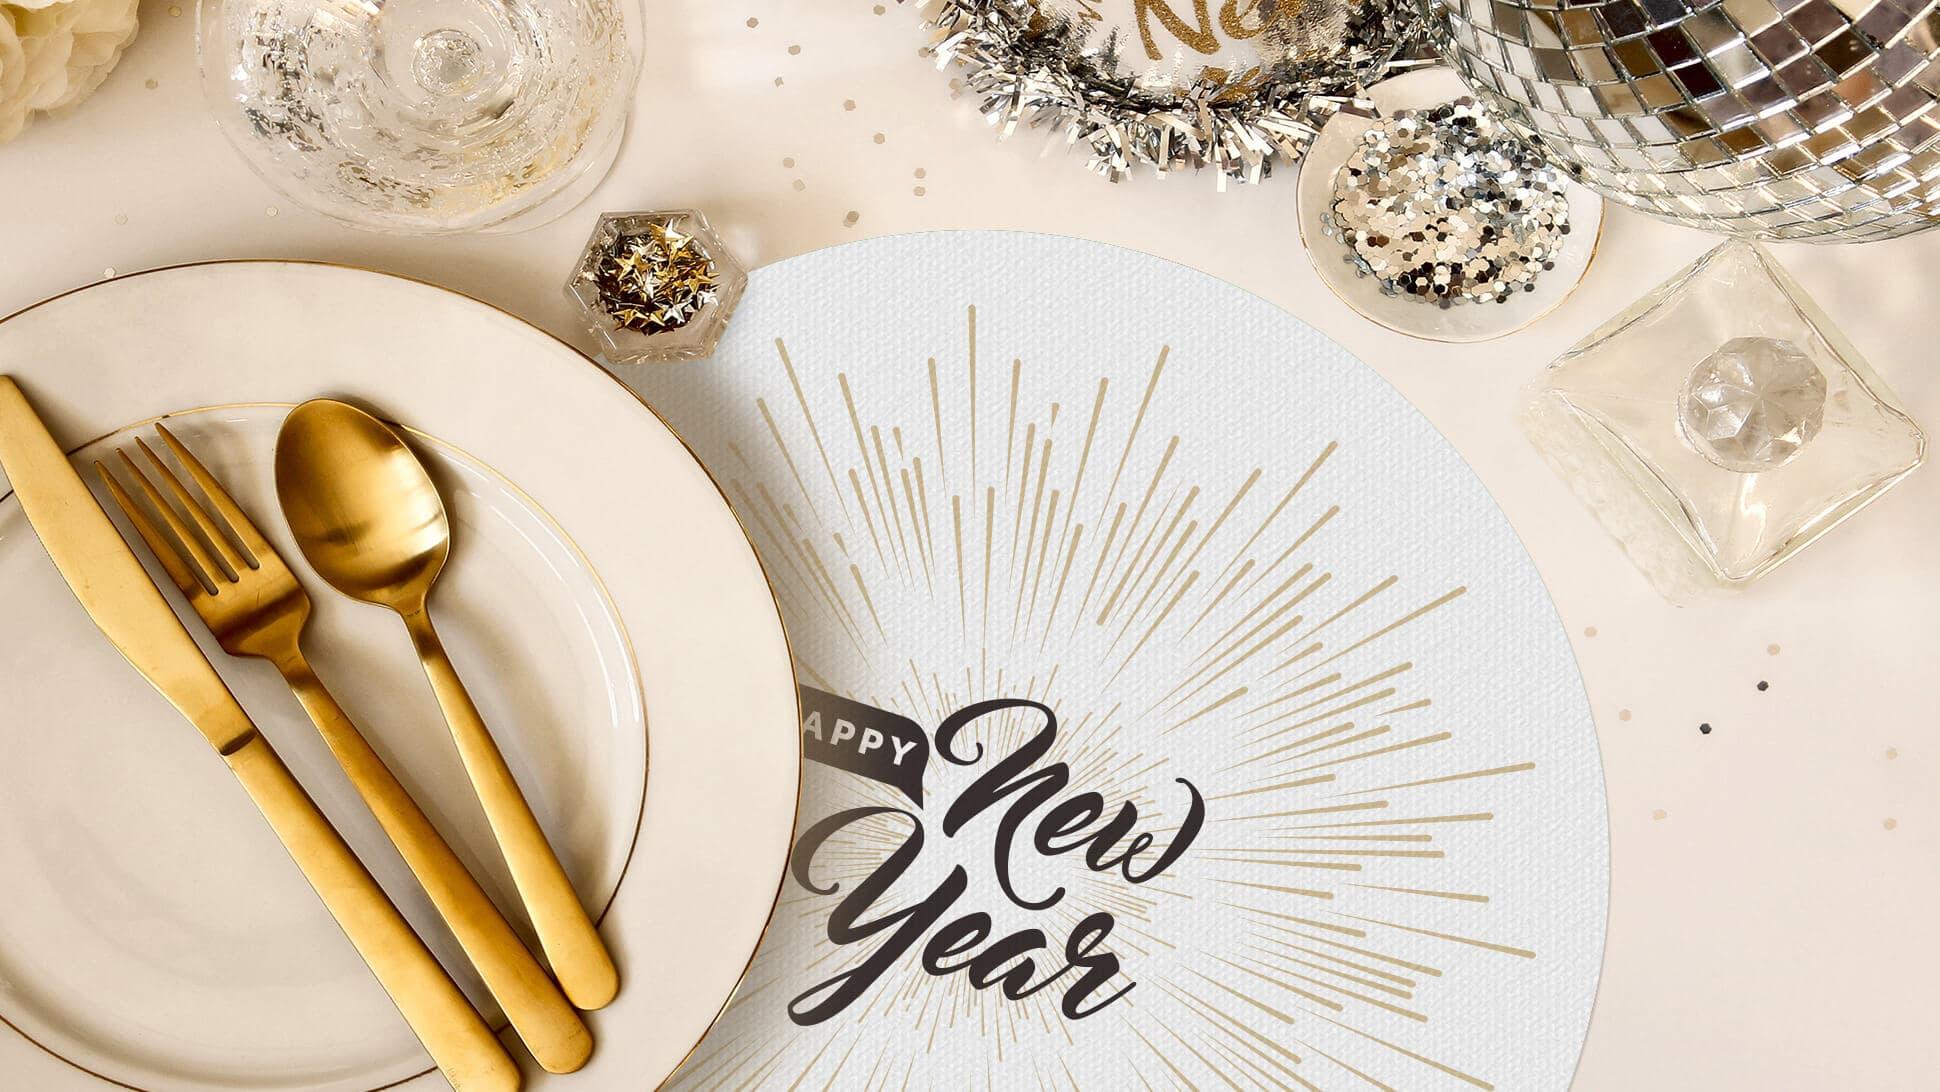 tovaglietta tonda bianca e oro per allestimento tavole Capodanno | tictac.it